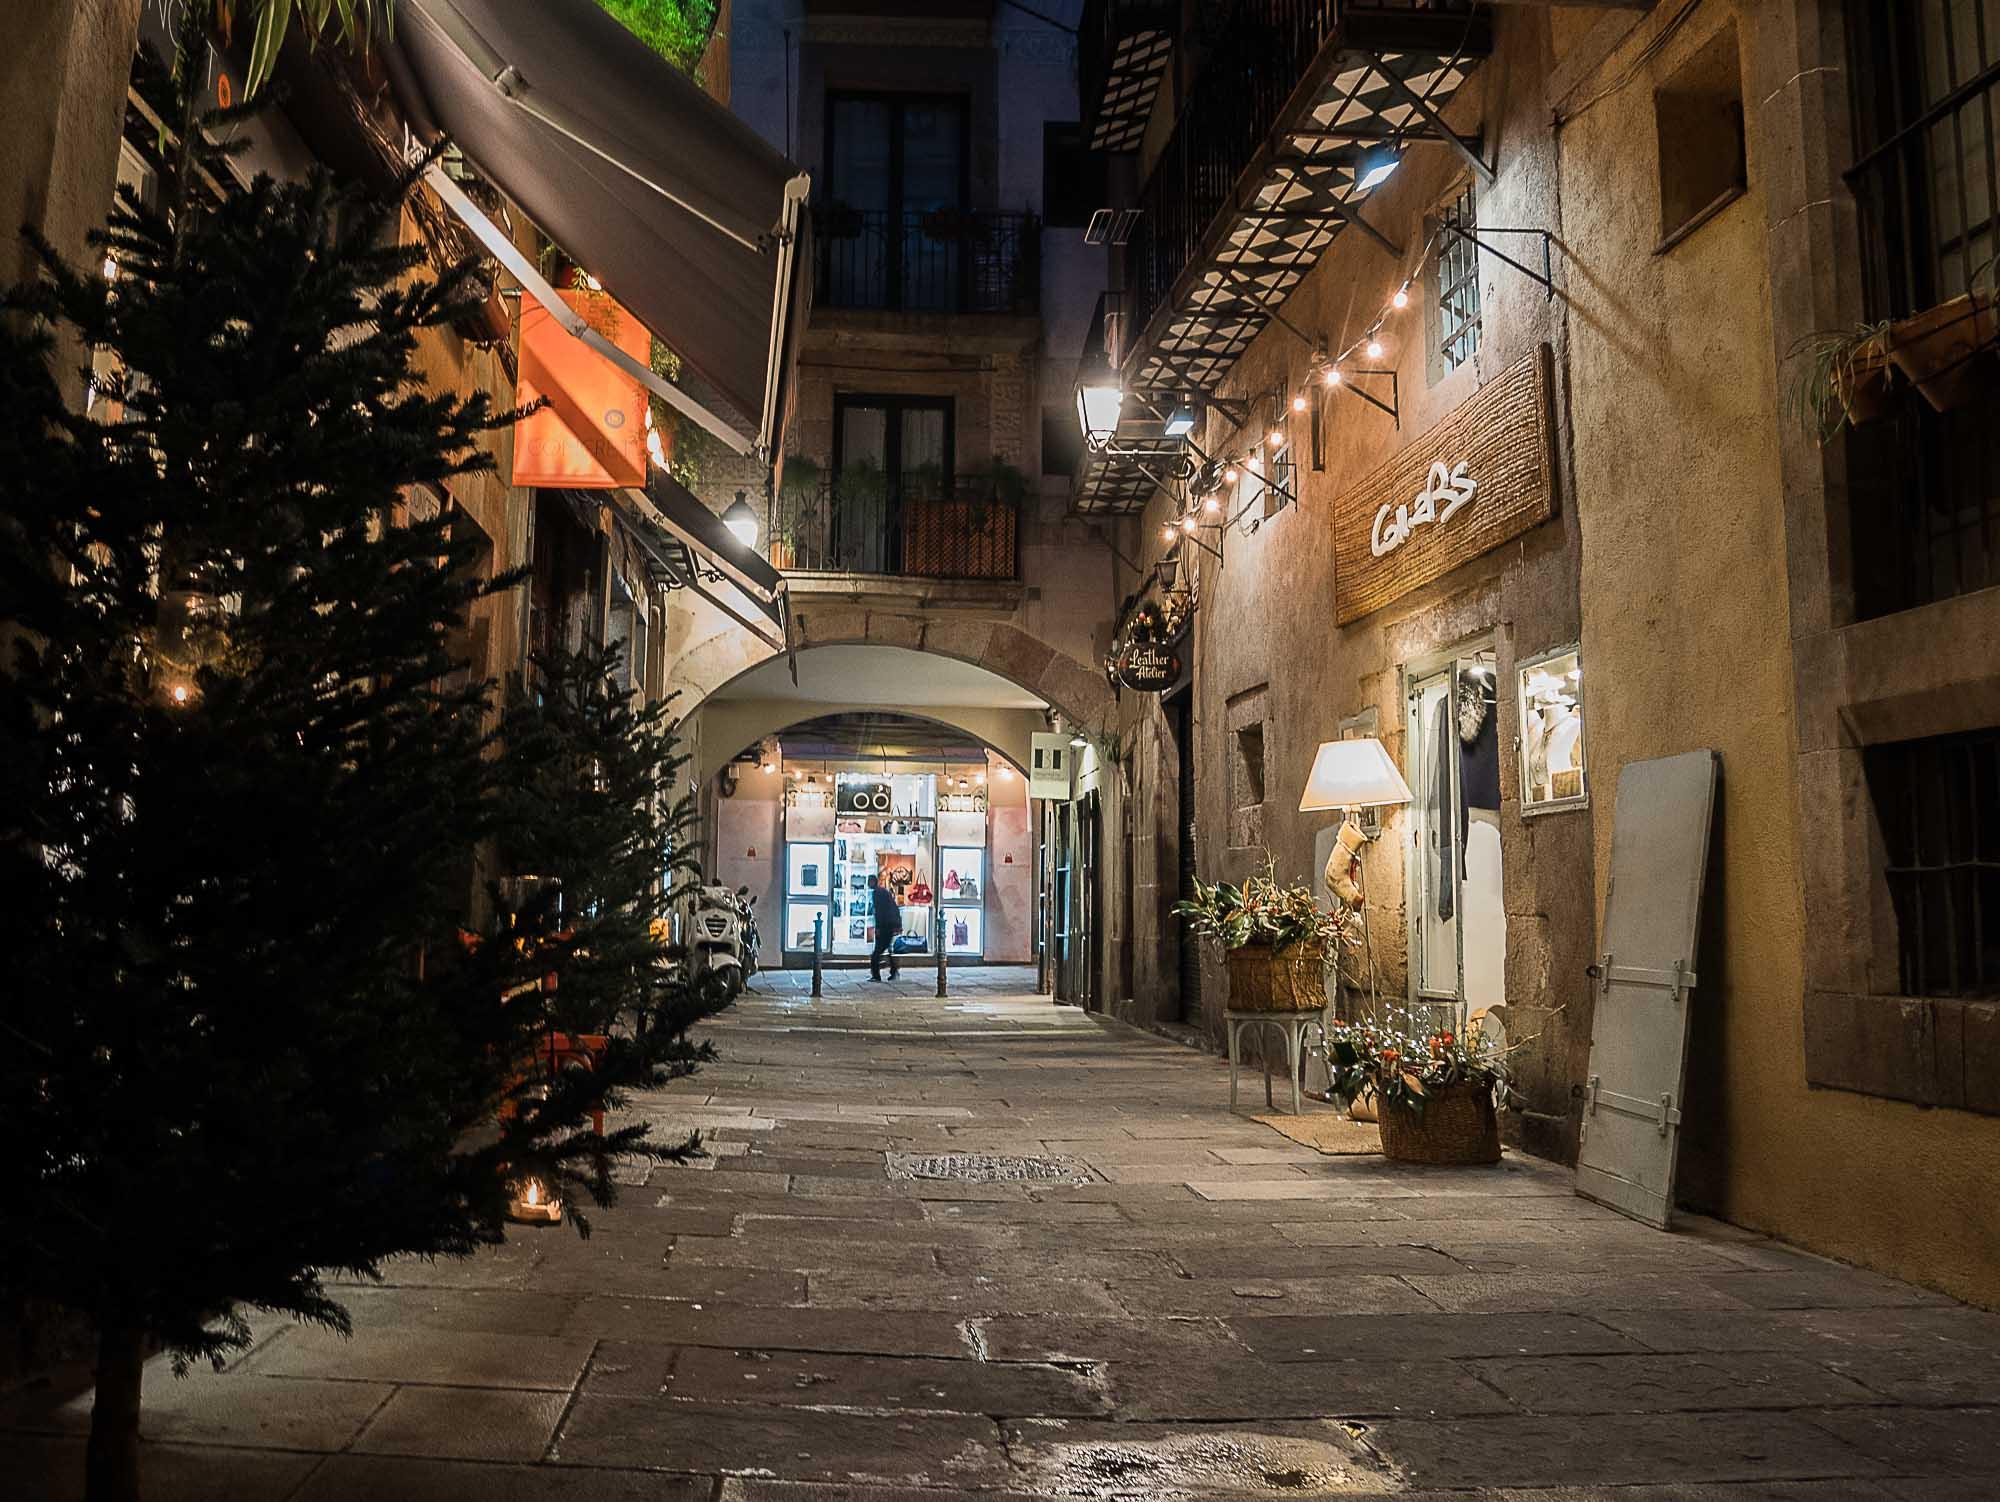 Se perdre dans les ruelles du vieux Barcelone